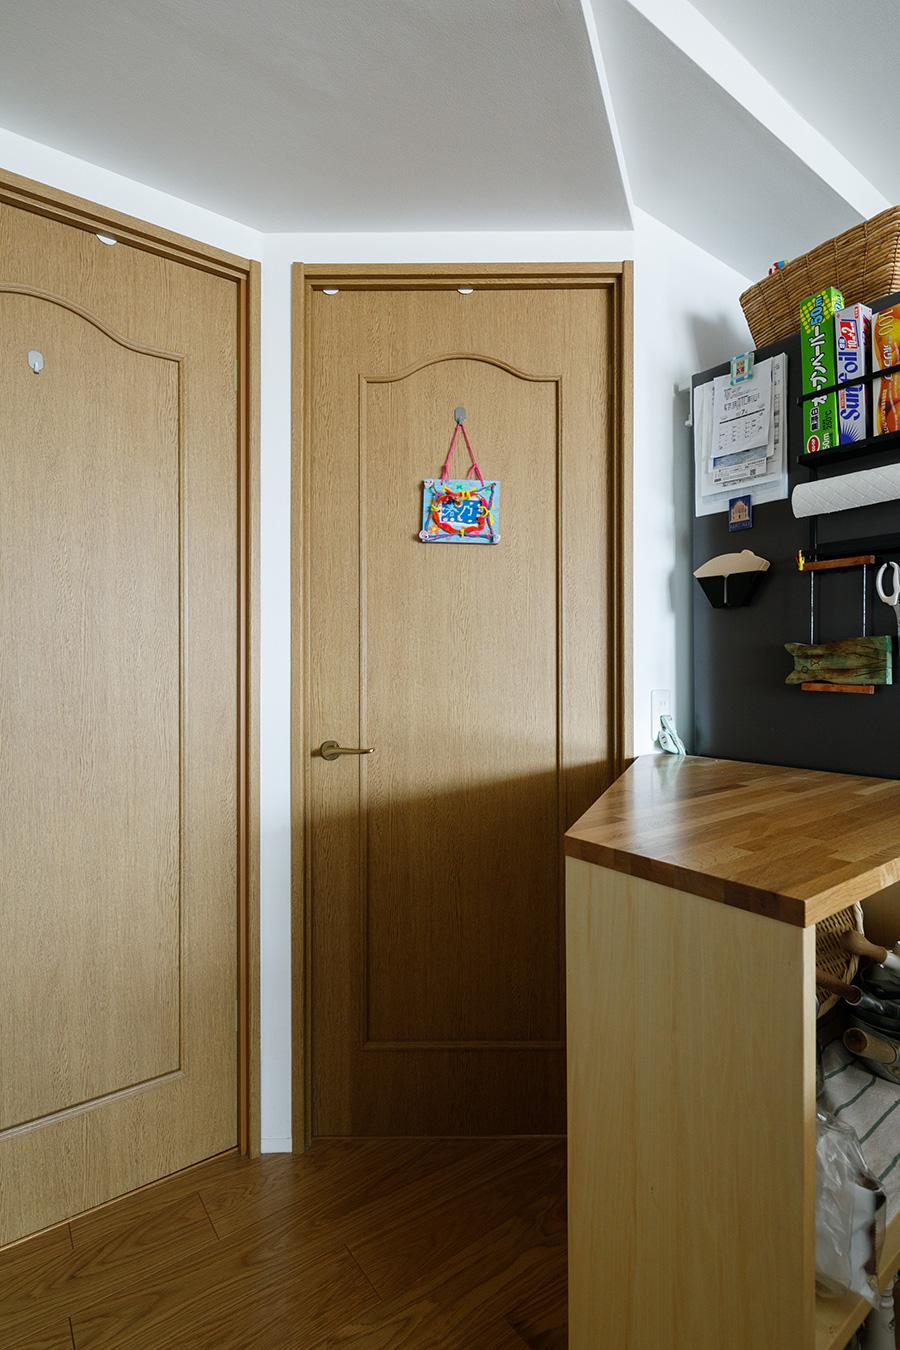 作業台が出入りの妨げにならないよう、写真中央のドアの位置や角度も変更。